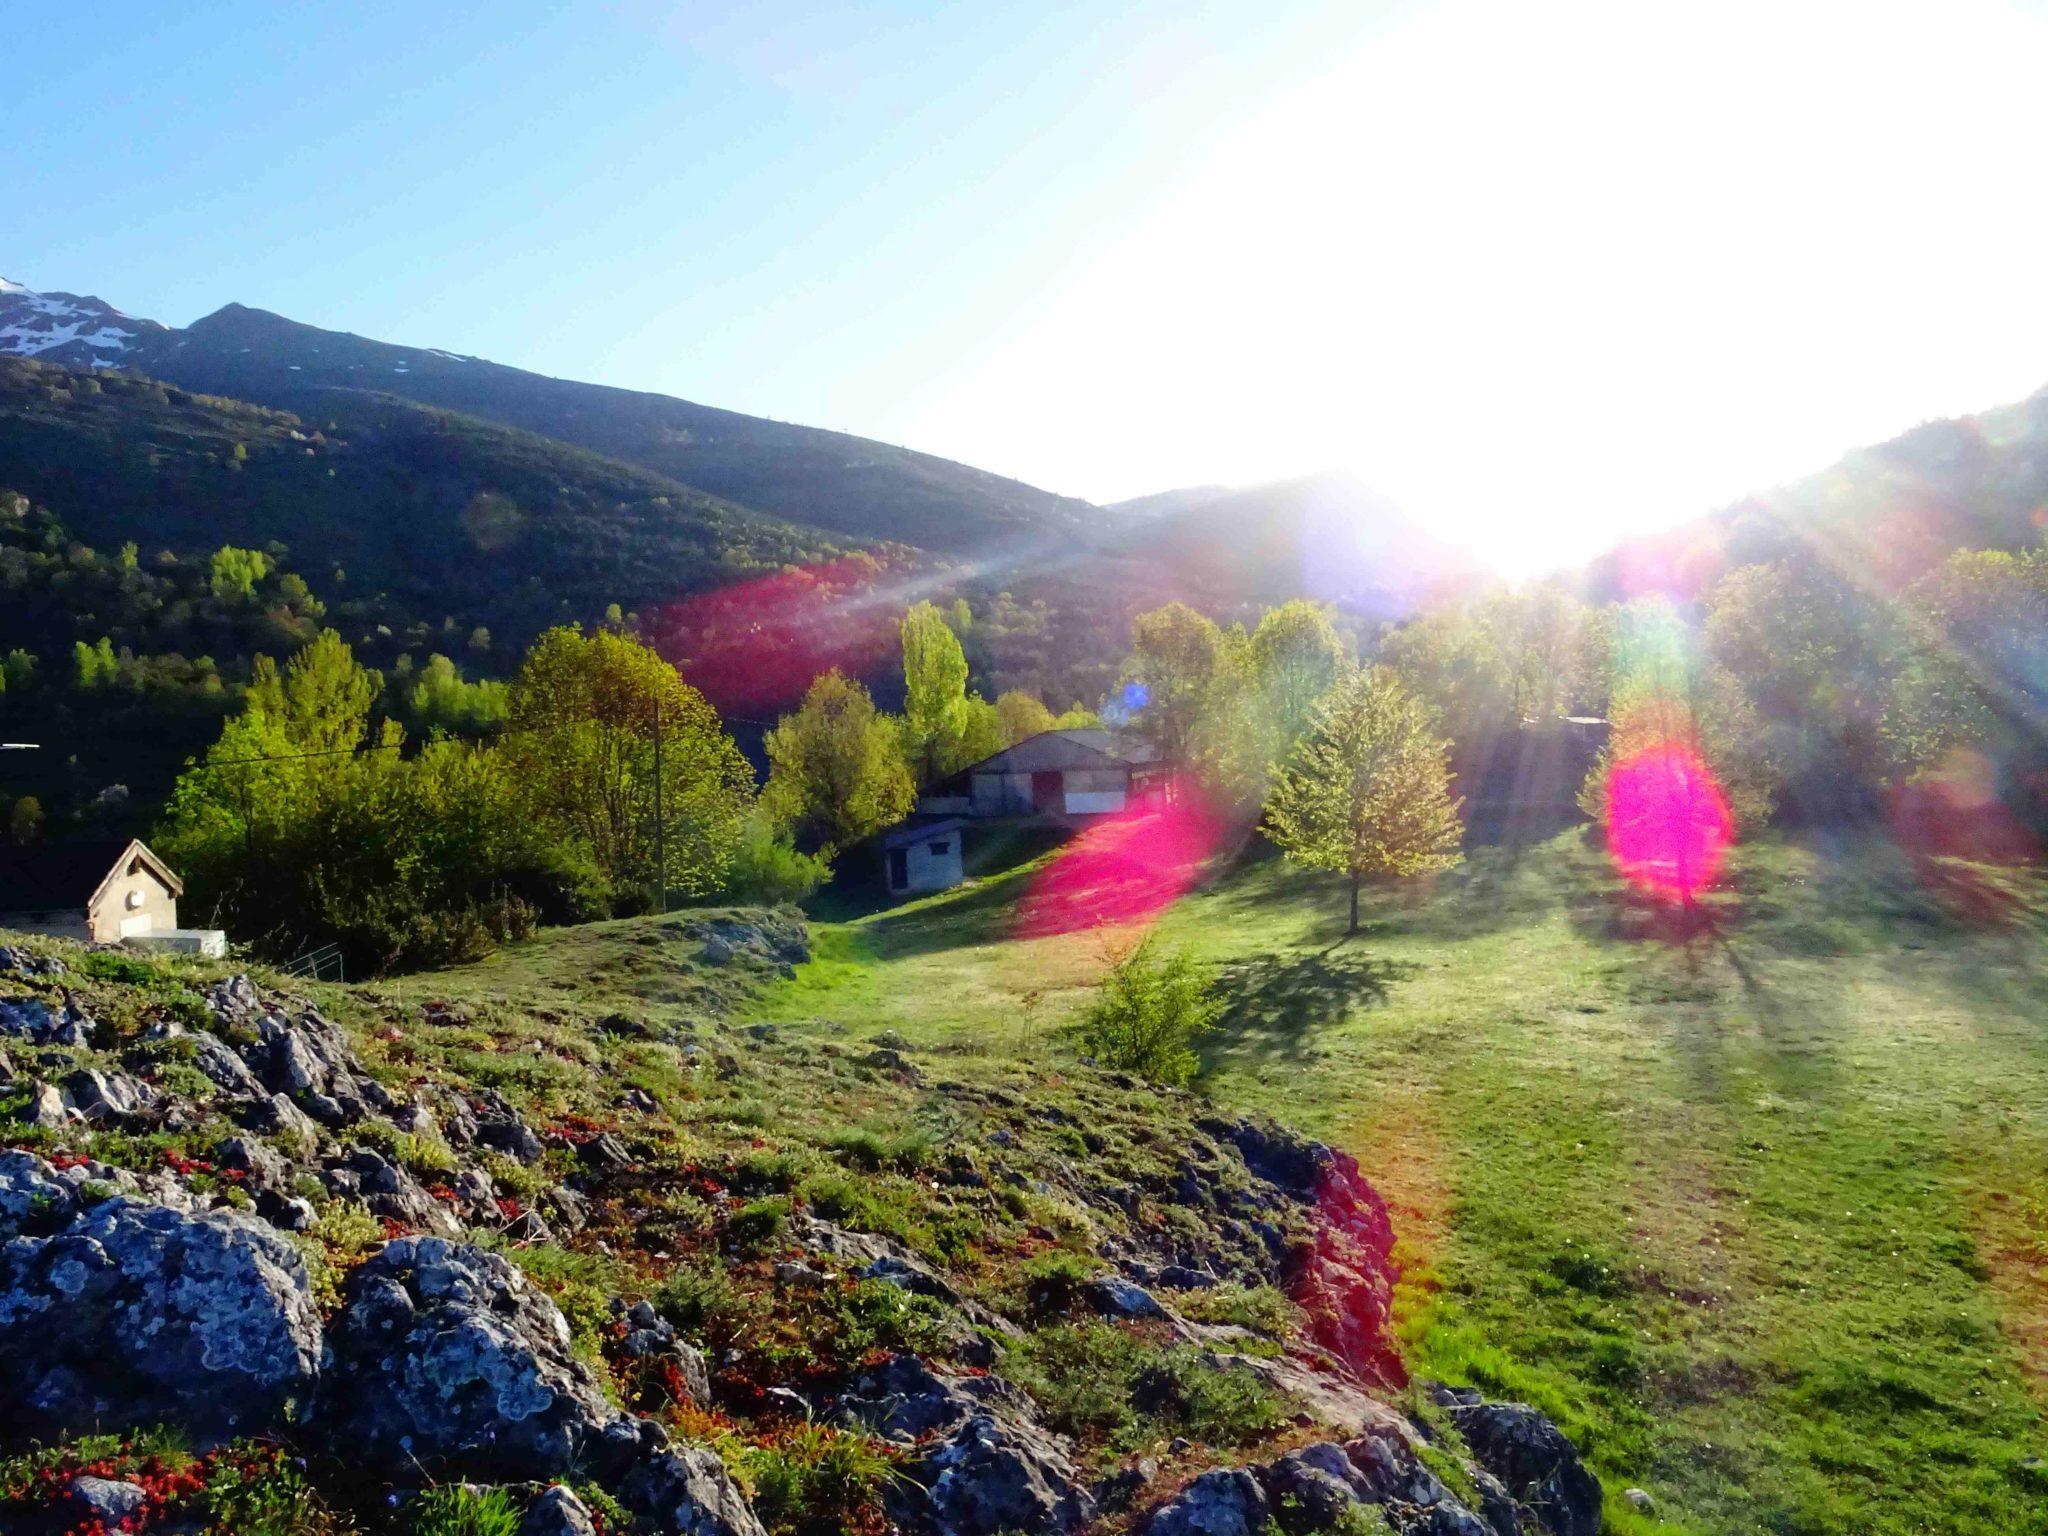 ferme de berbescou printemps nature et pyrénées